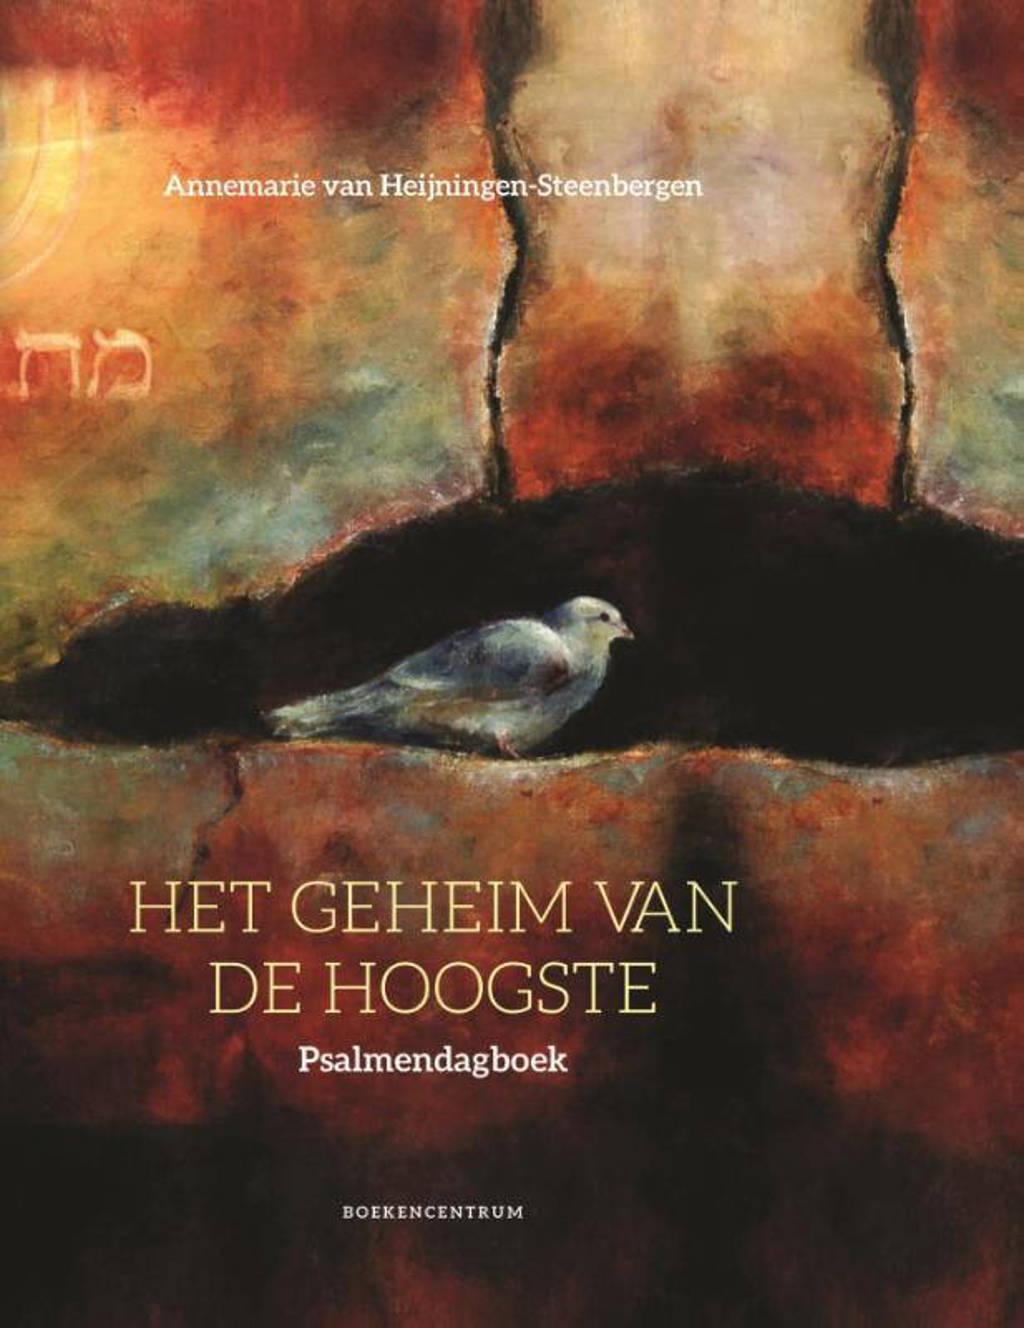 Het geheim van de hoogste - Annemarie van Heijningen-Steenbergen